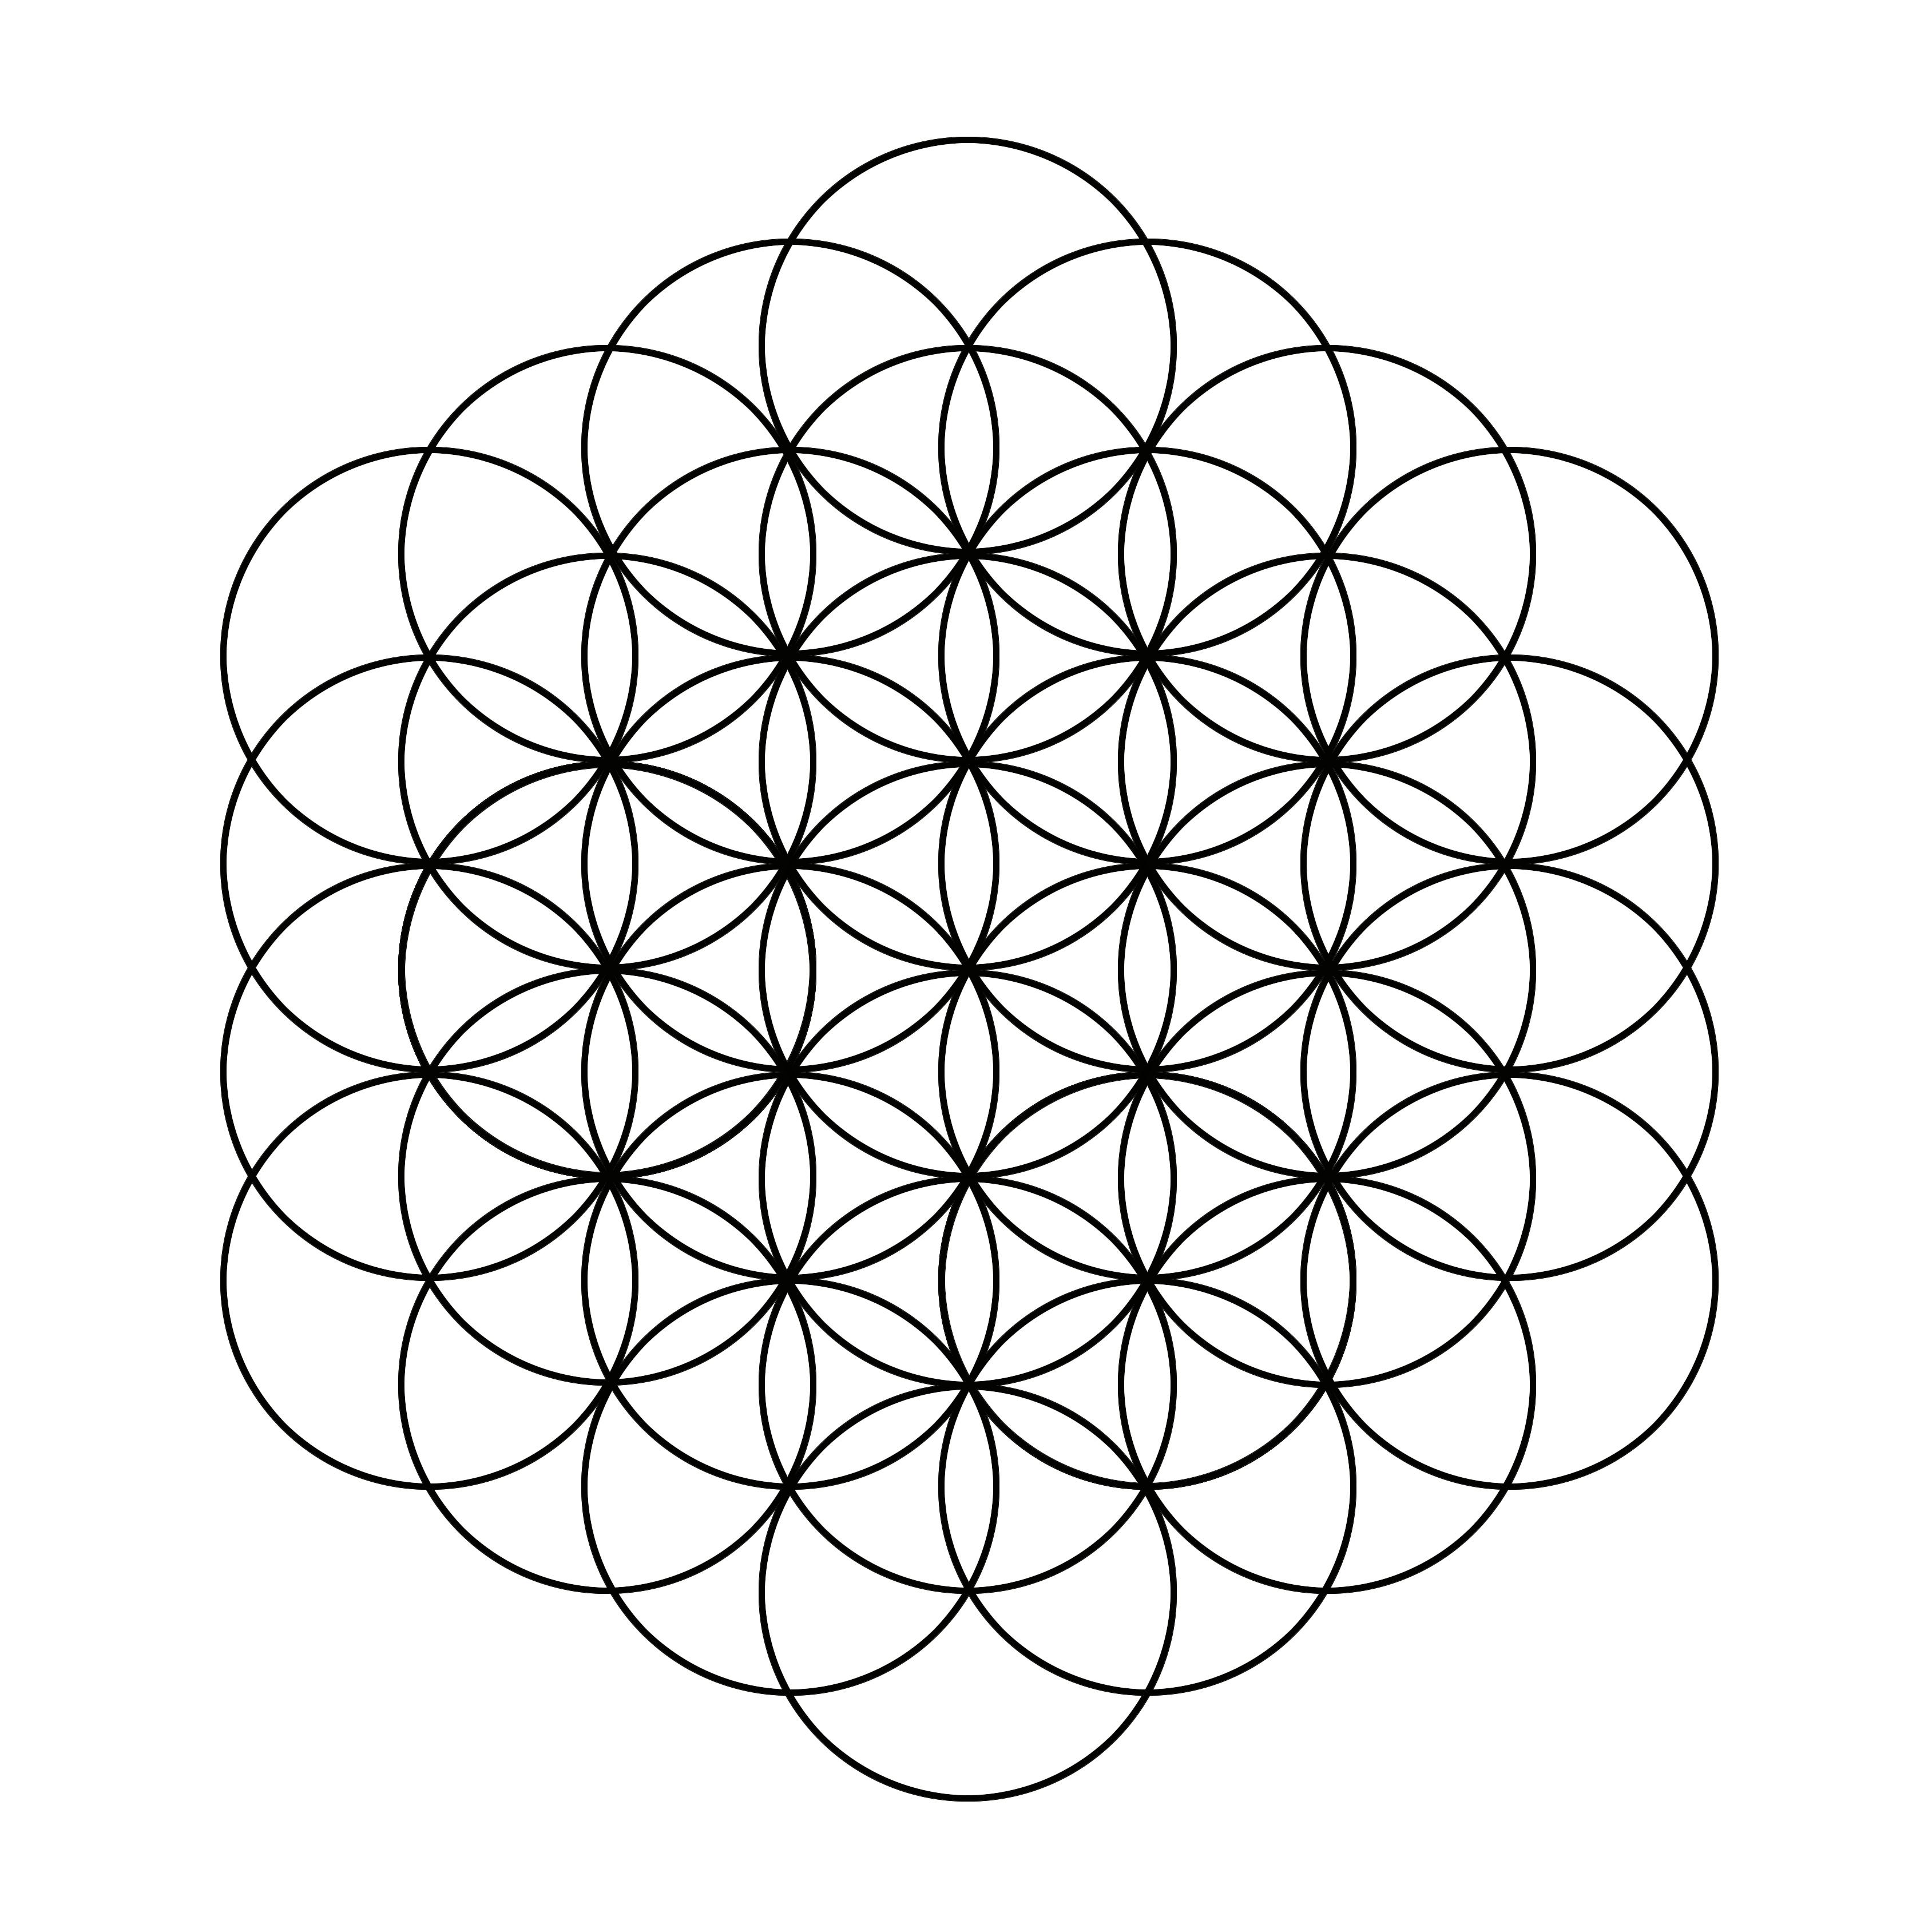 La Fleur De Vie Matrice De L Ensemble Des Sytemes Symboliques